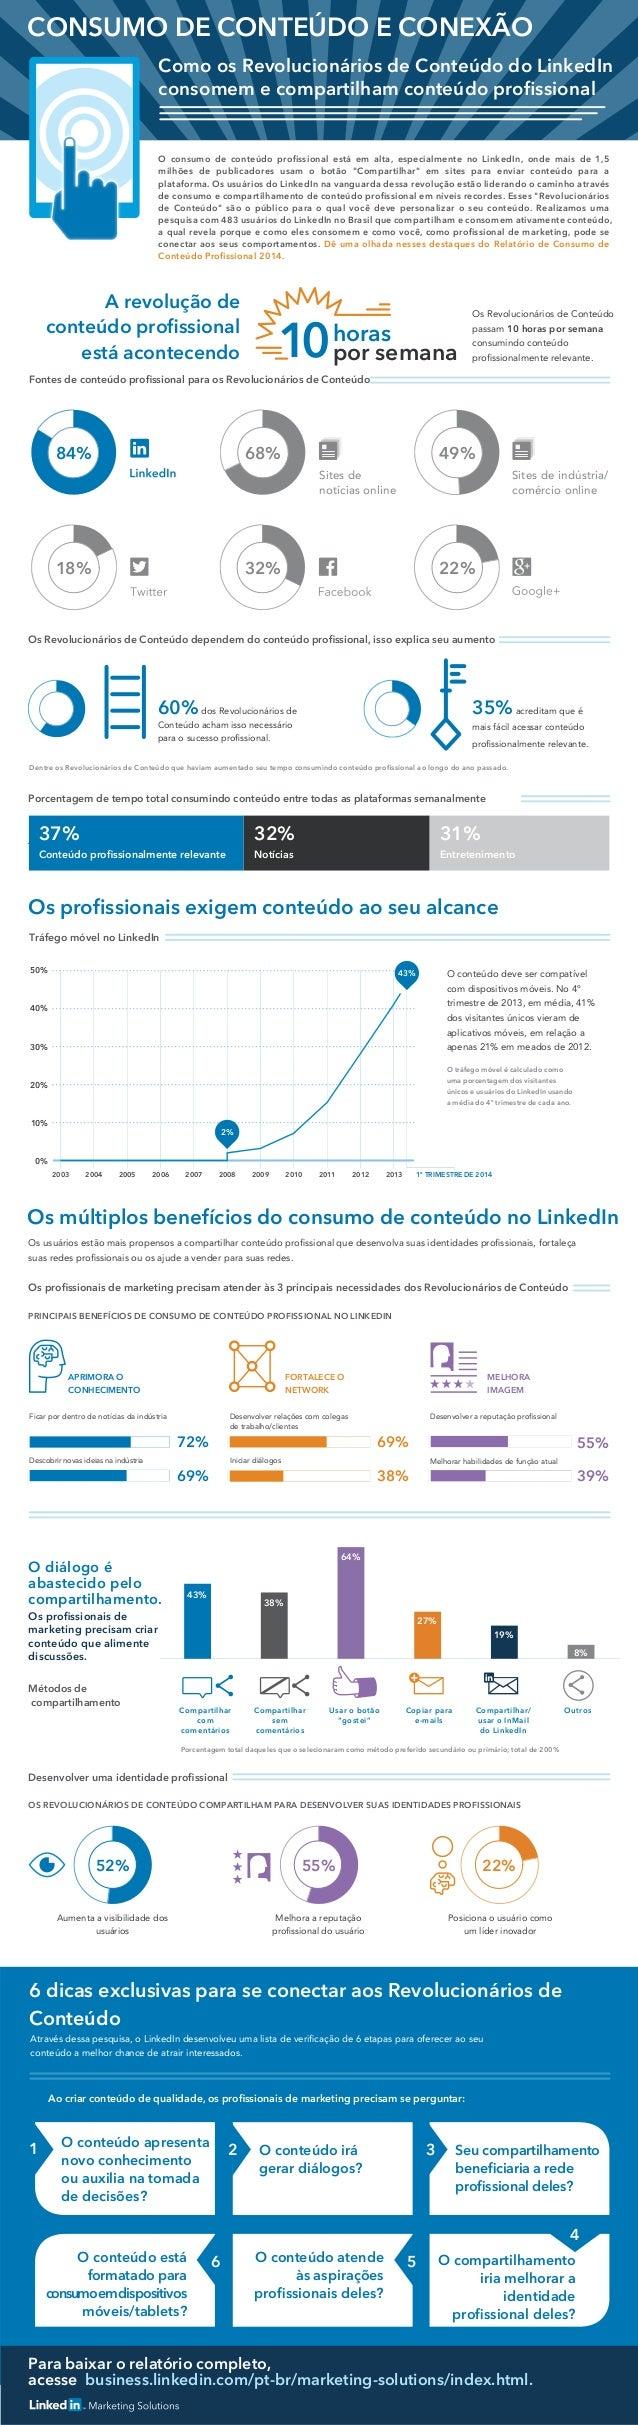 Infográfico: Consumo de Conteúdo e Conexão